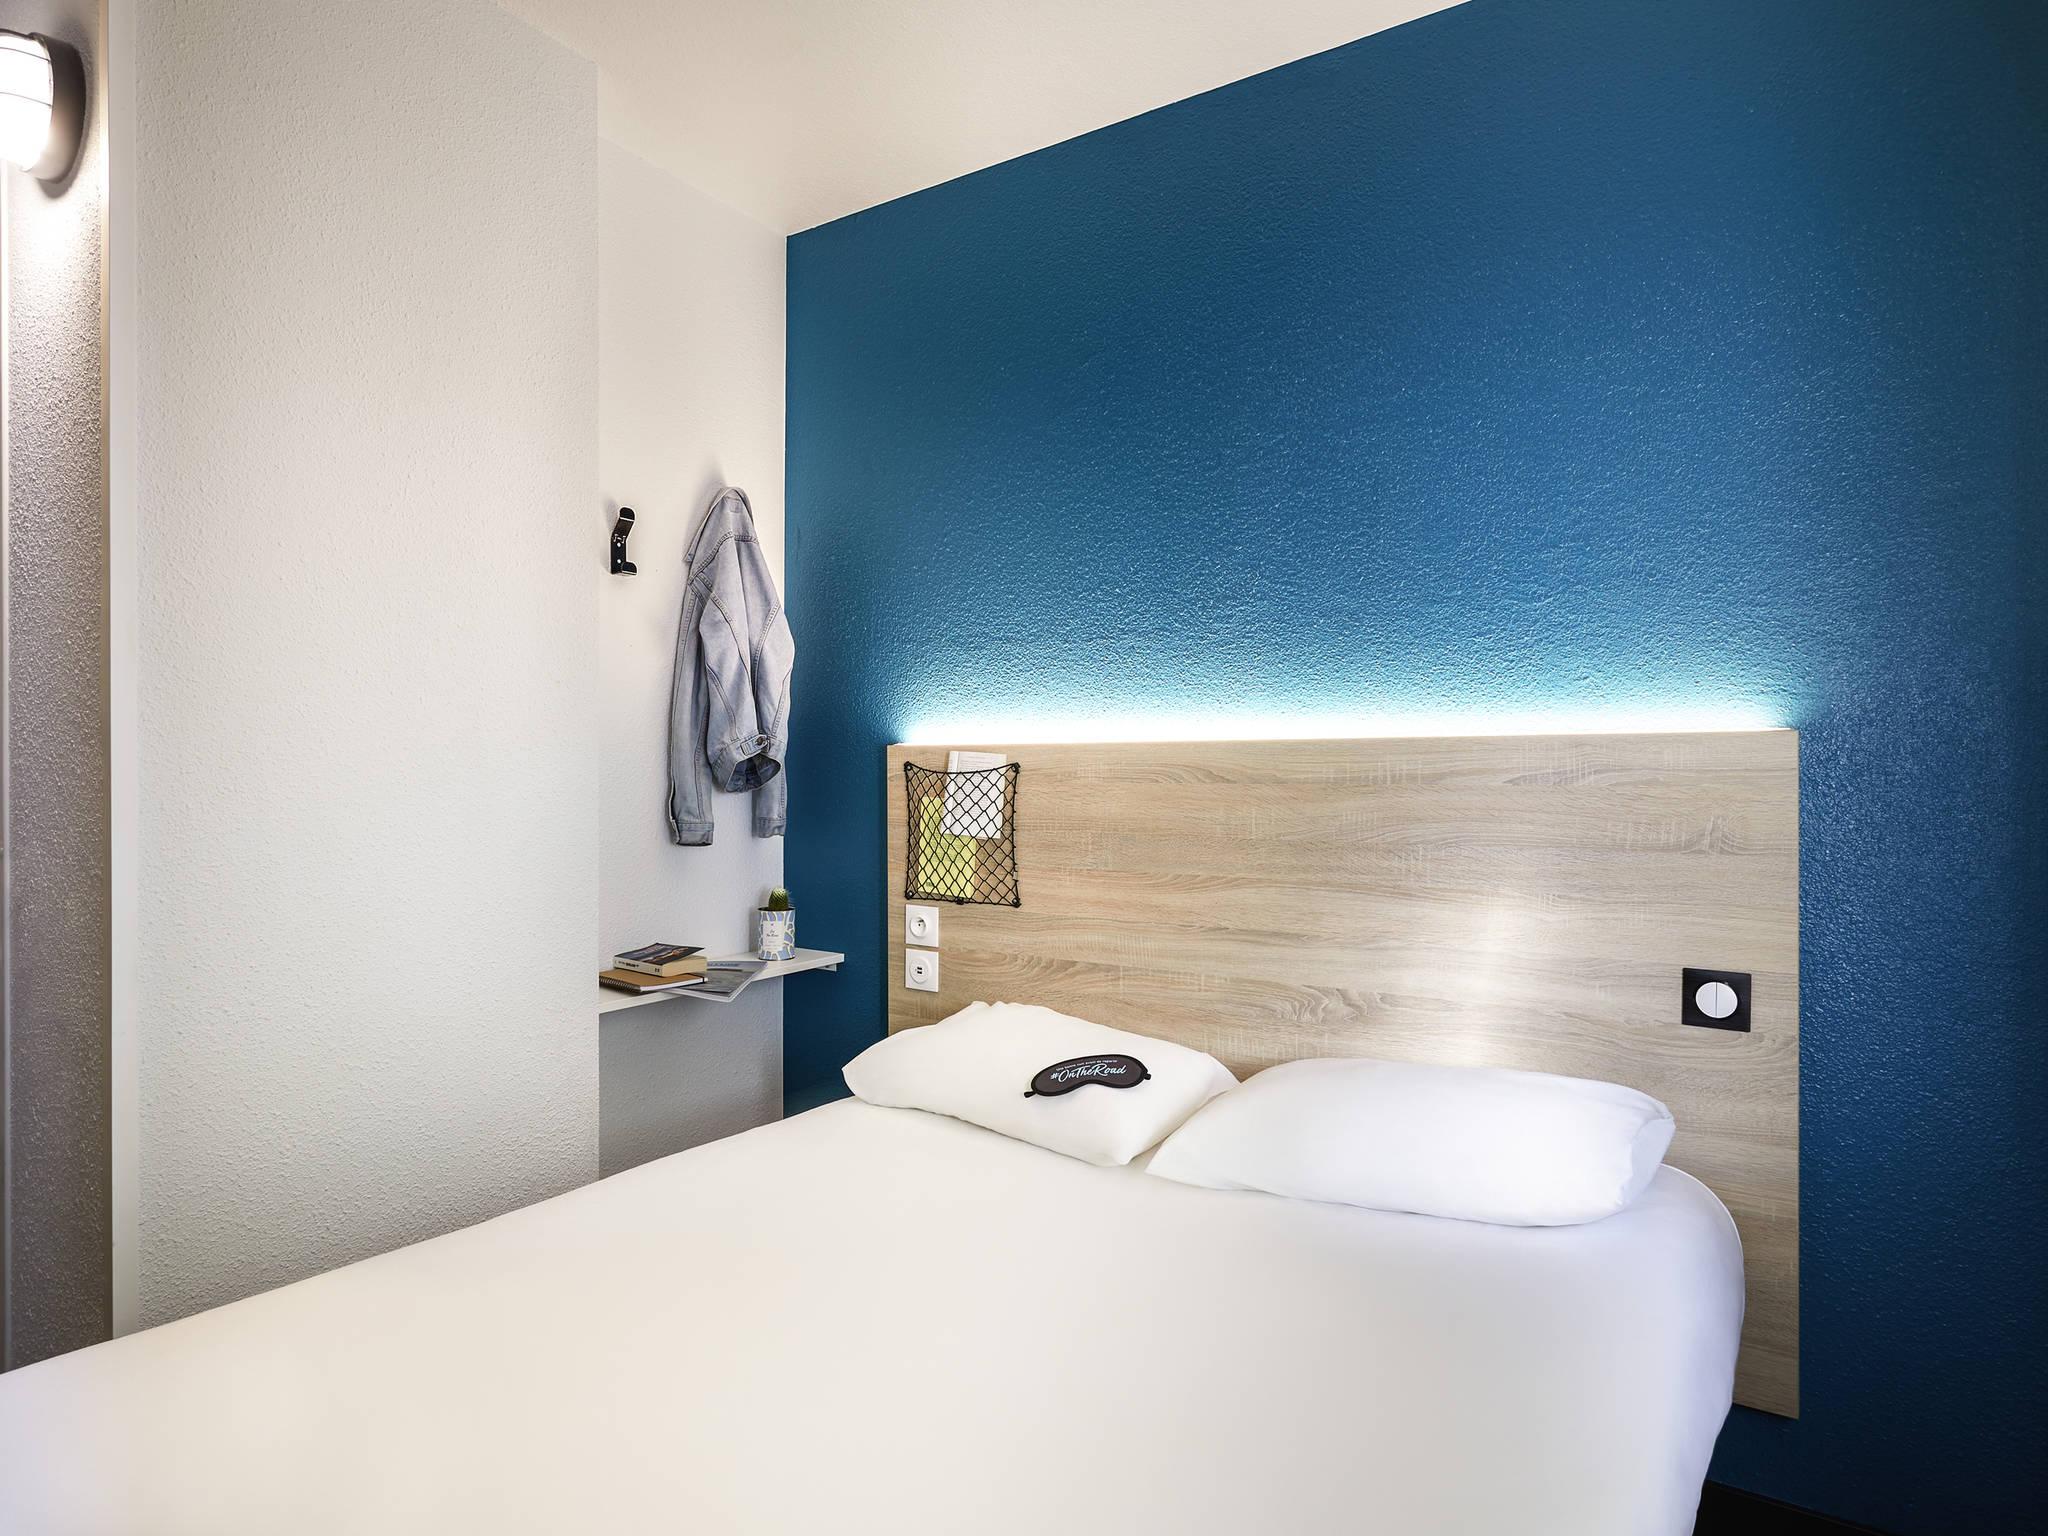 โรงแรม – hotelF1 Angoulême